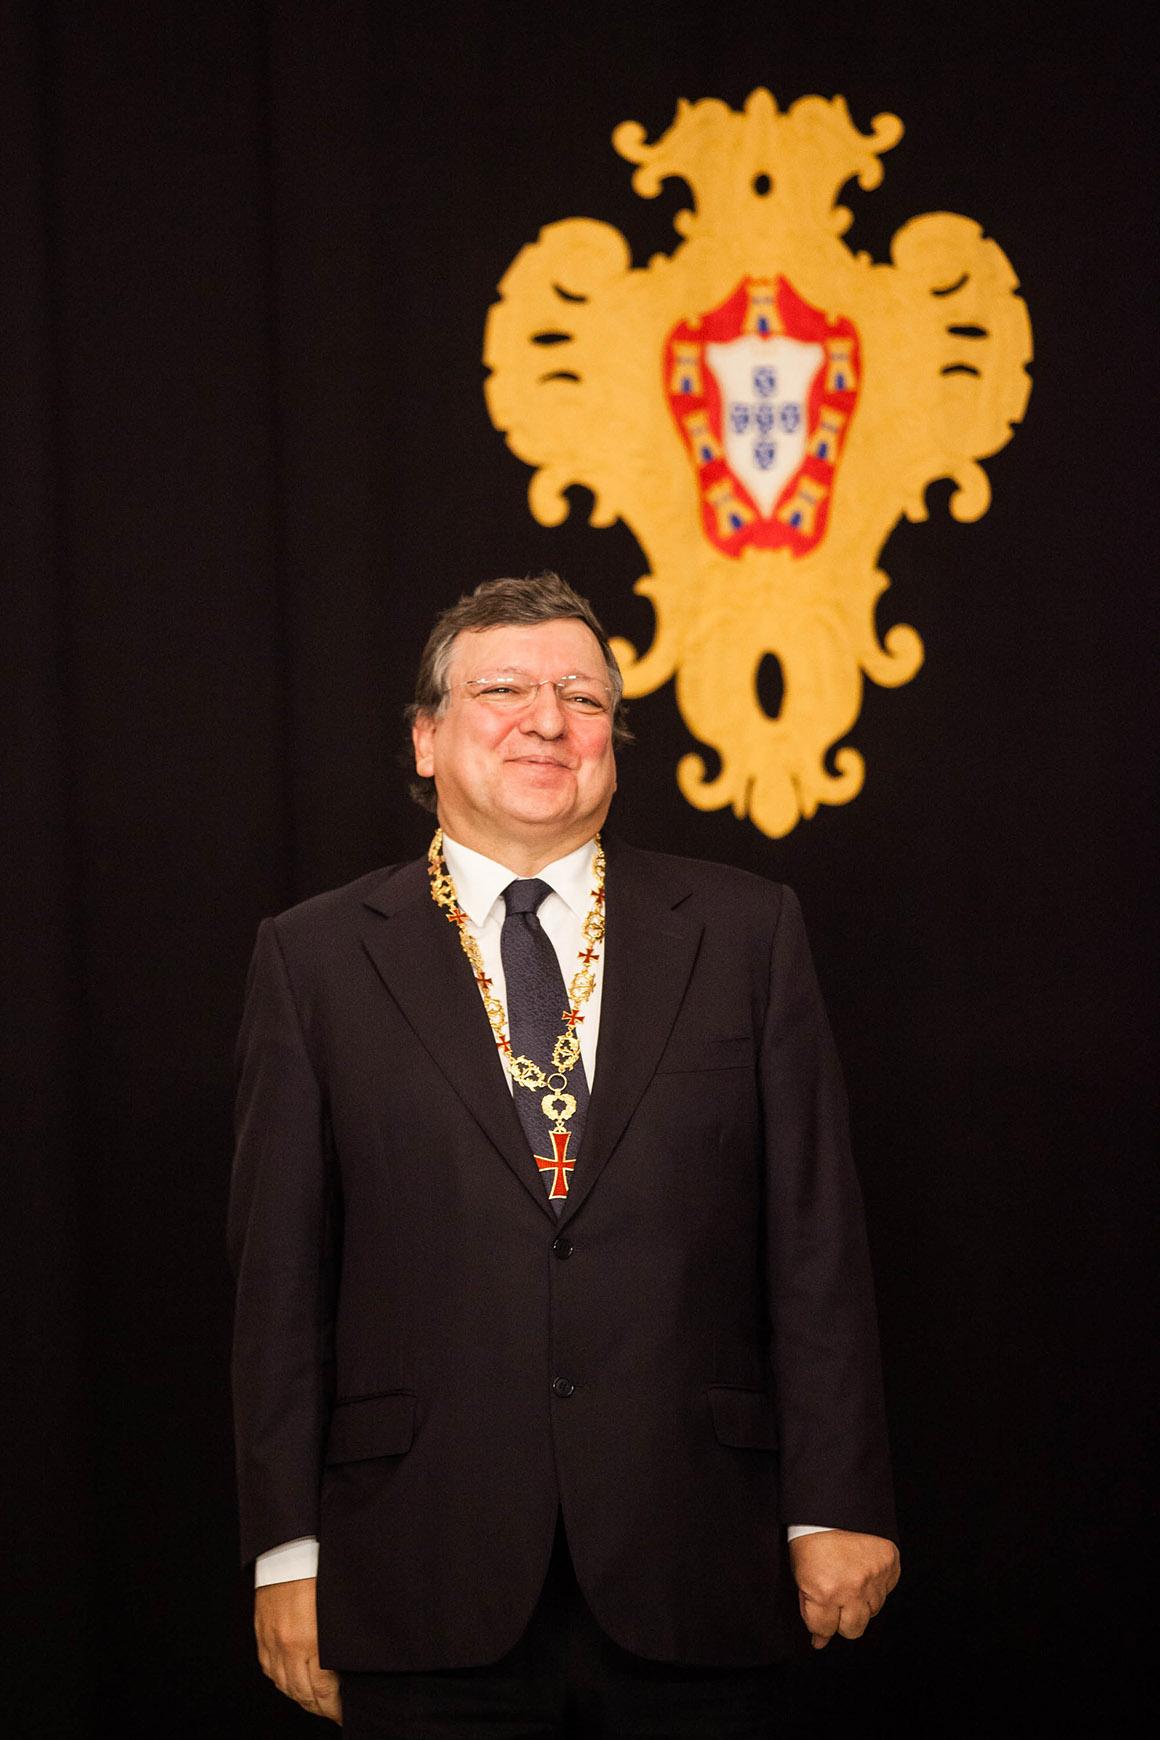 Durão Barroso, condecorado com o Grande-Colar da Ordem do Infante D. Henrique pelos dez anos à frente da Comissão Europeia